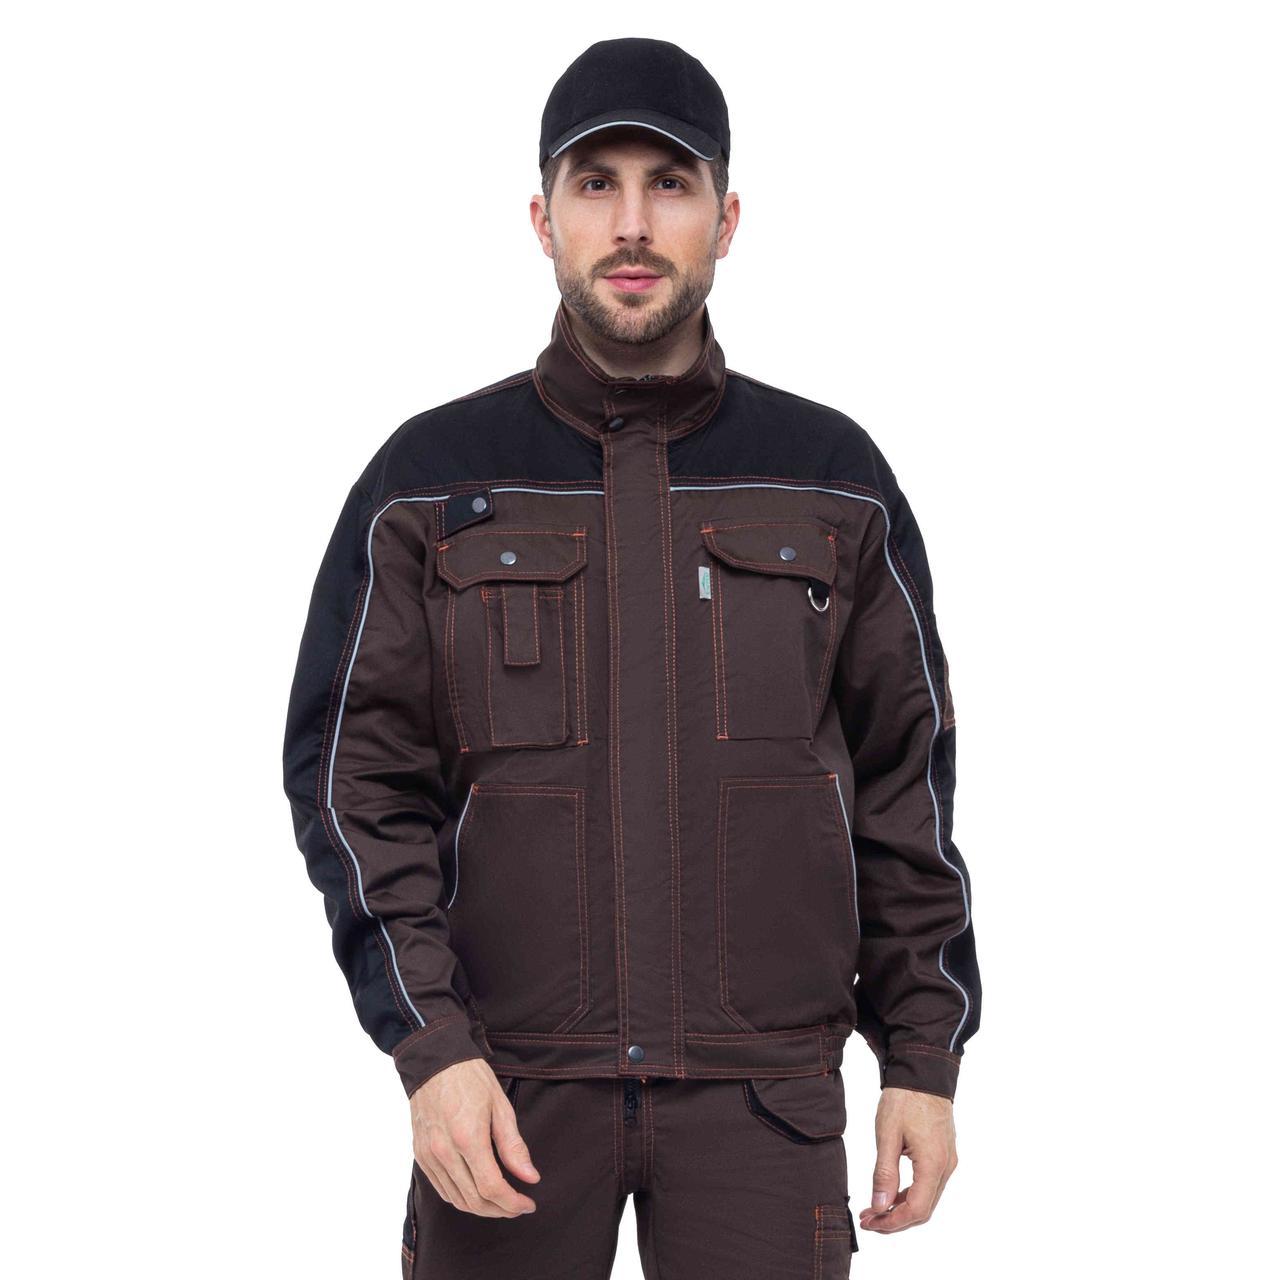 Куртка робоча БРАУНІ, сумішева (65%п/е+35%х/б), т. коричневий/чорний